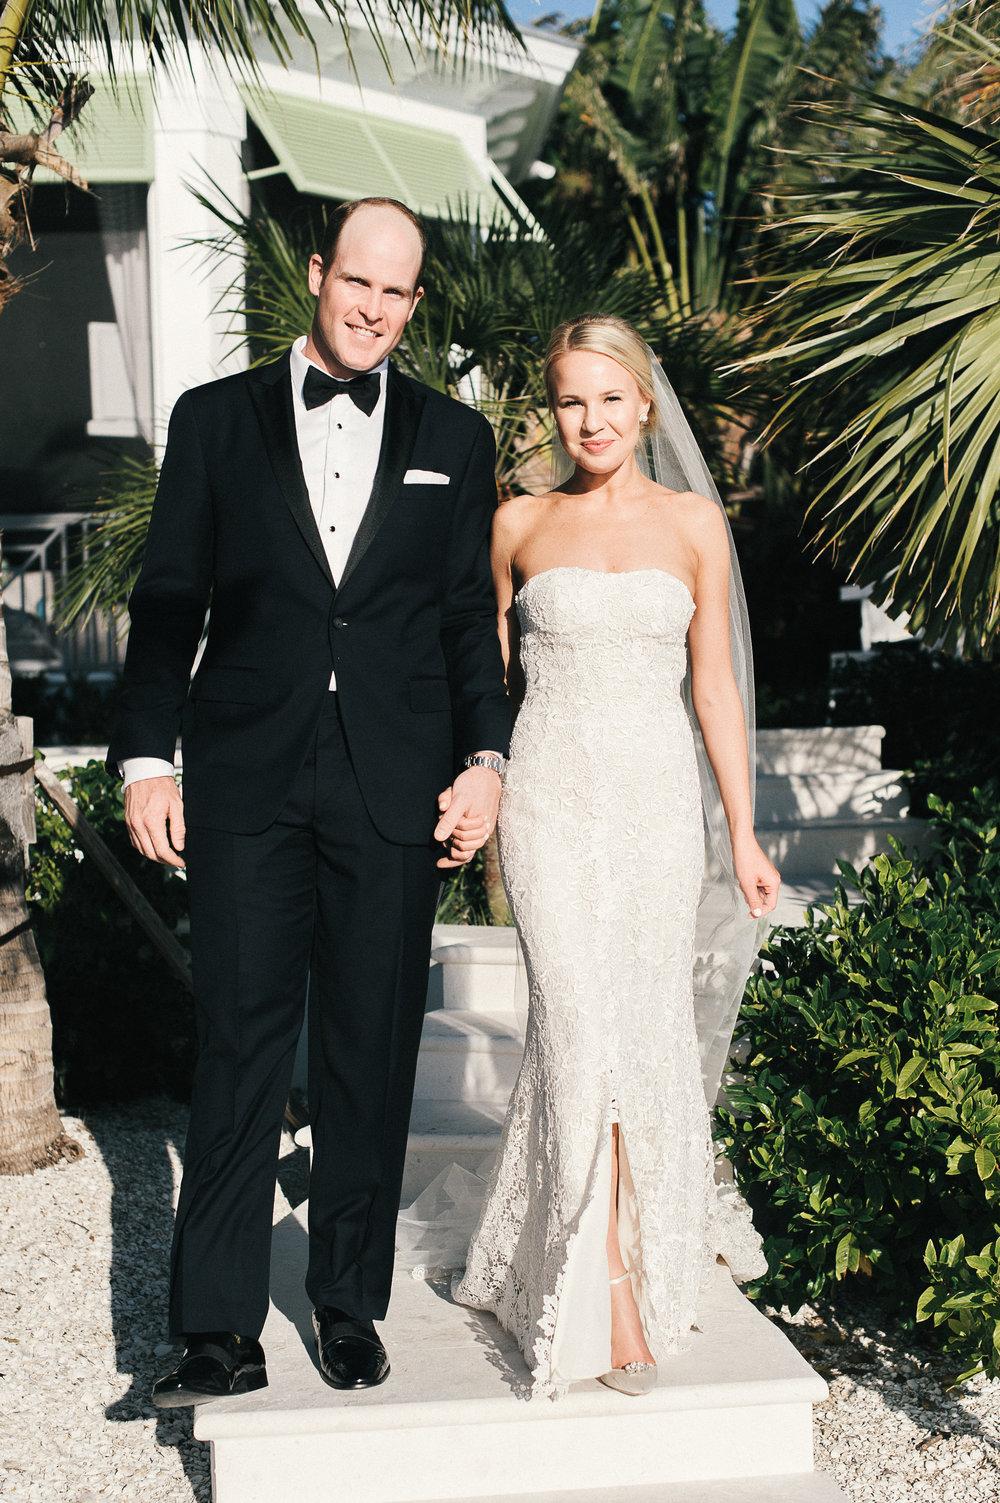 Gown | Oscar de la renta